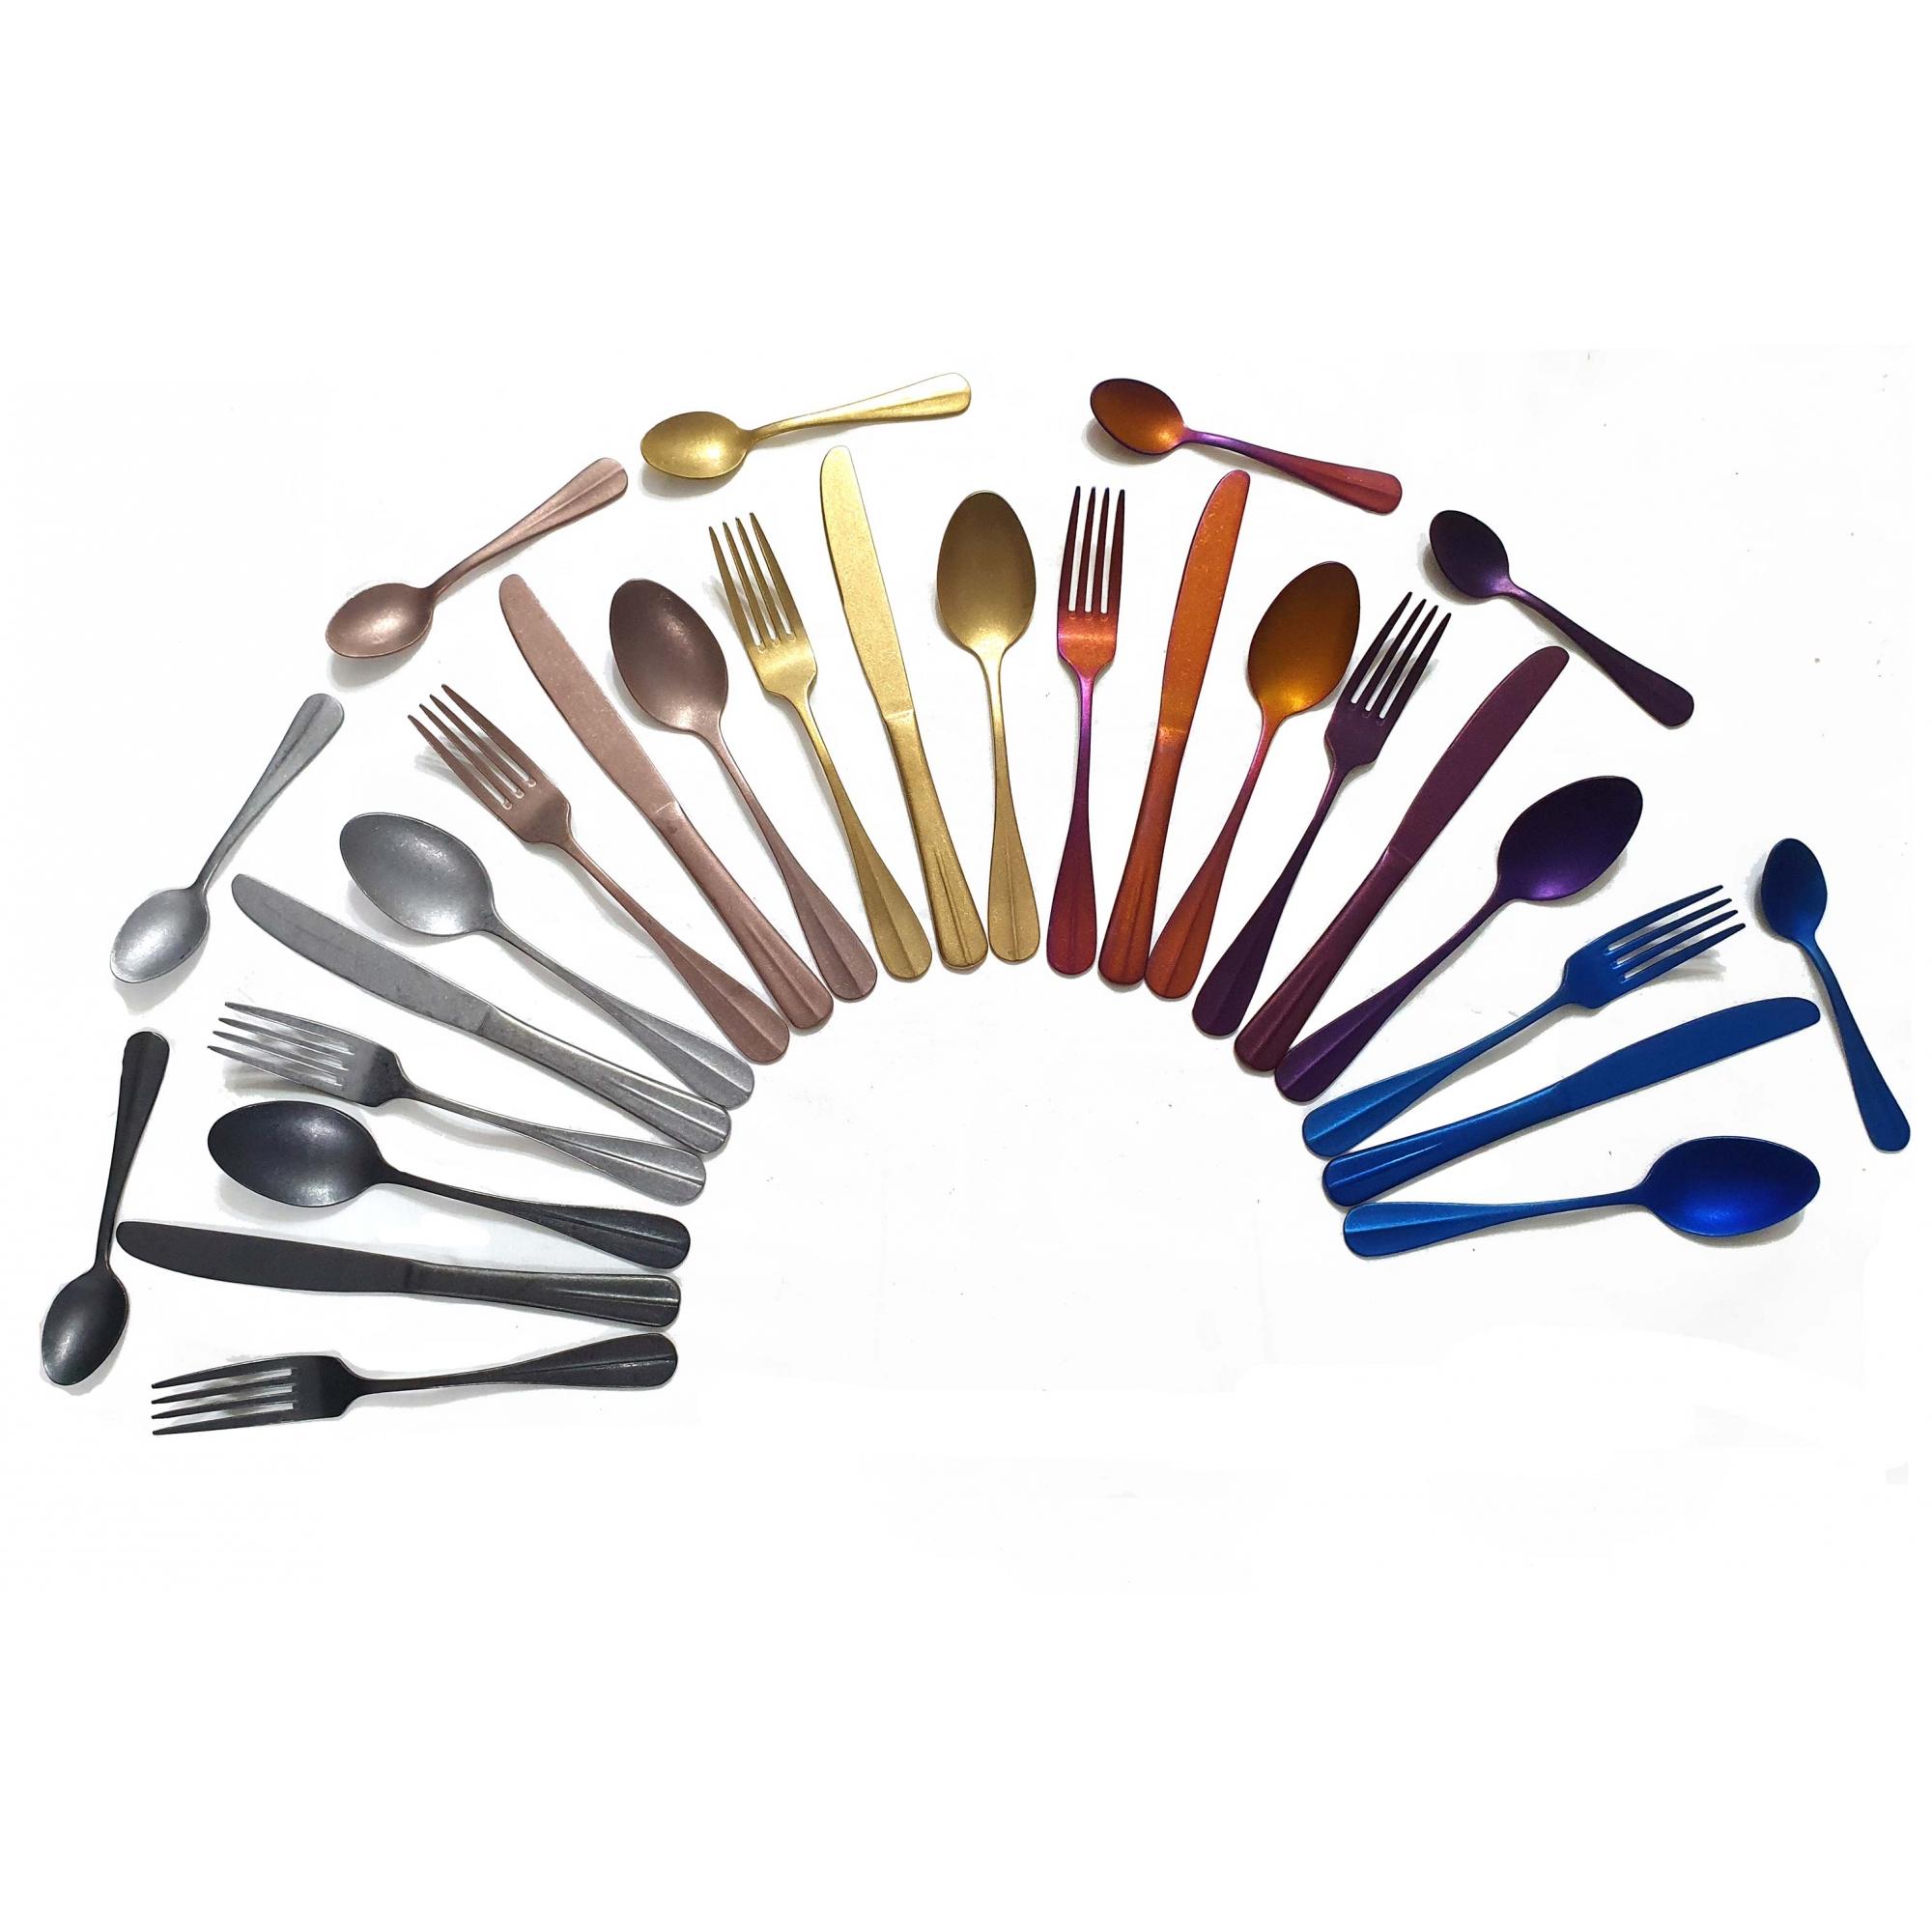 Talheres Inox Envelhecido Rainbow - 4 peças - OUTLET